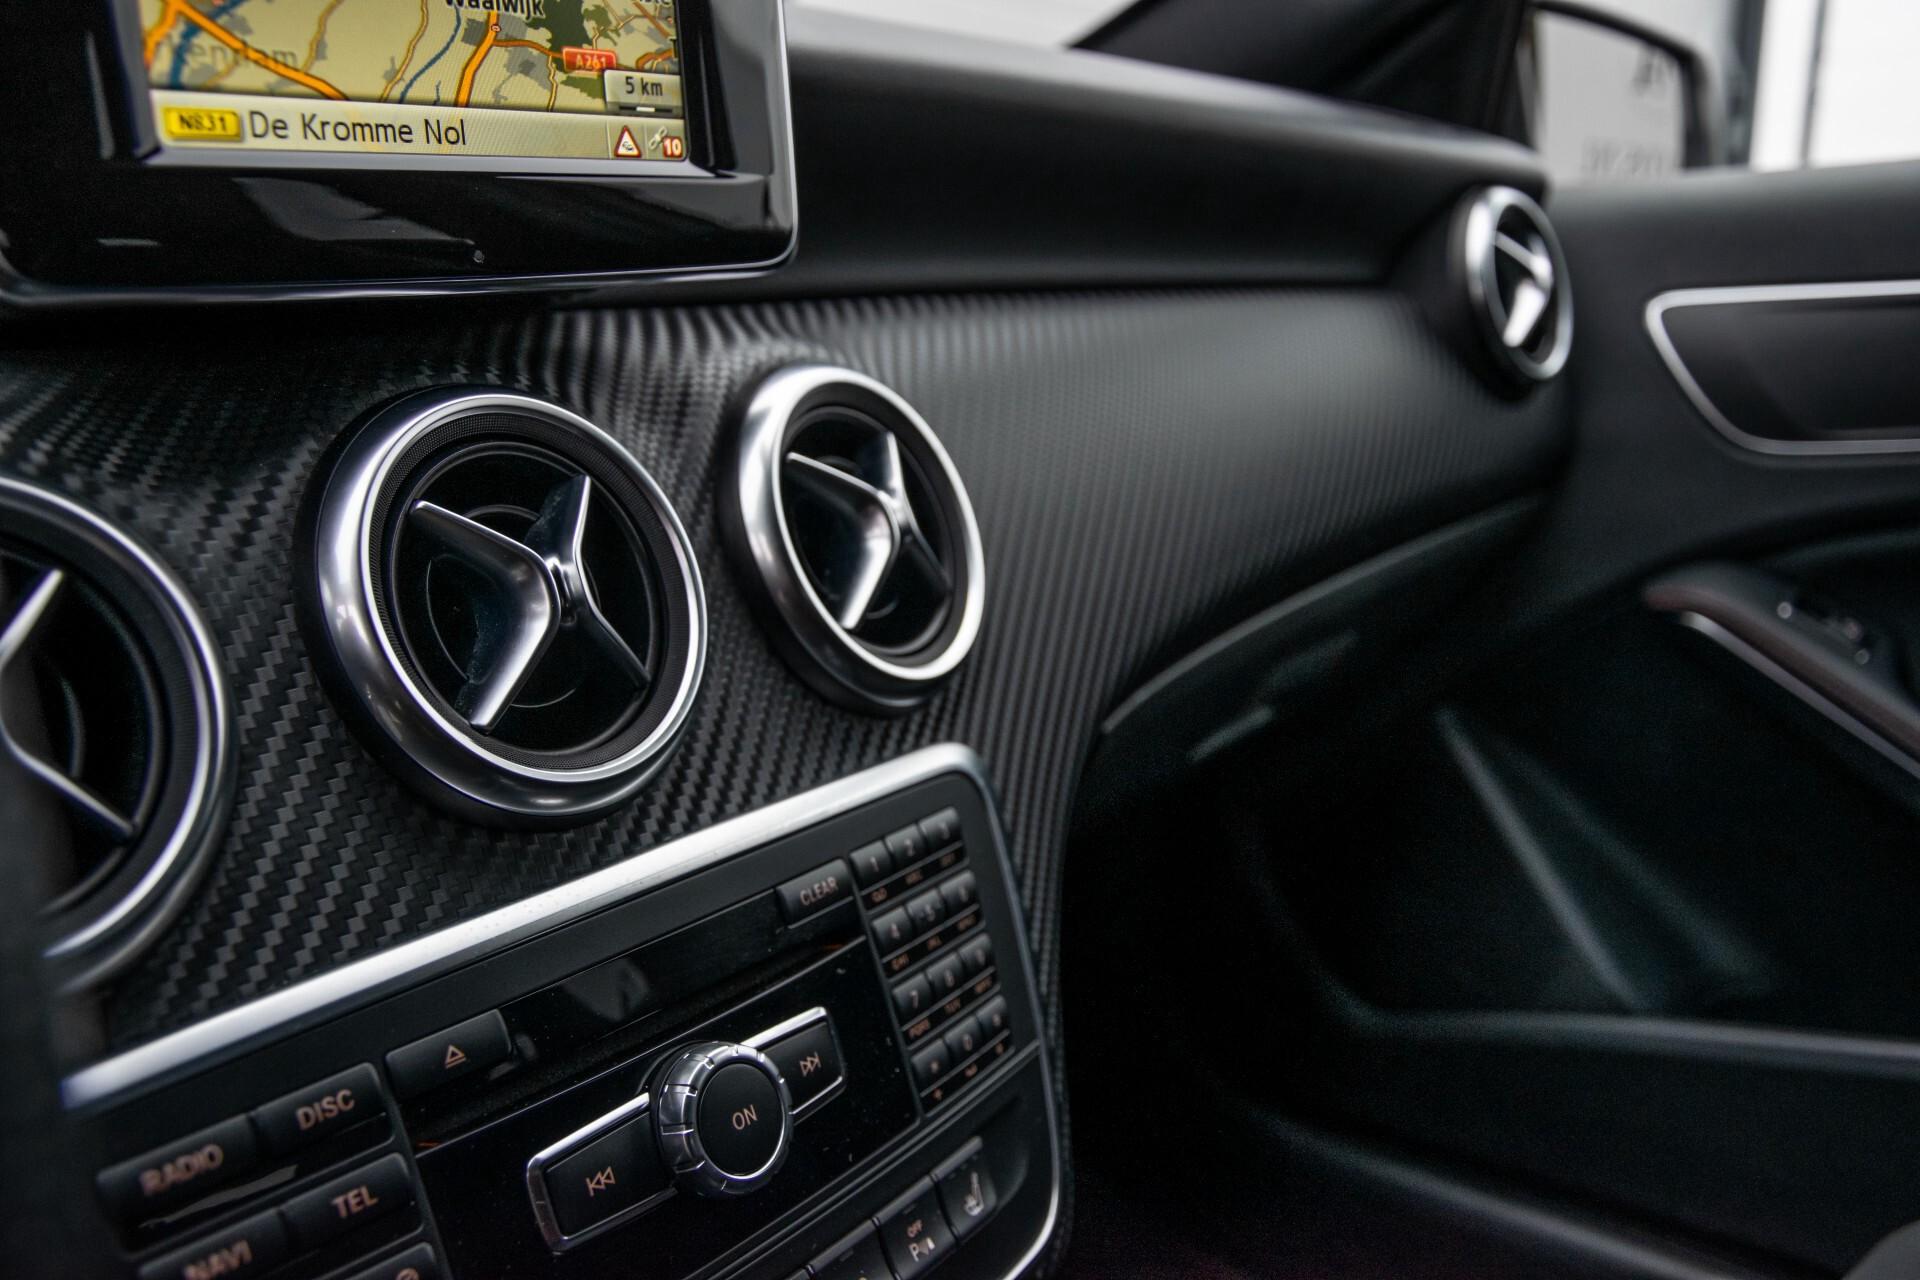 Mercedes-Benz A-Klasse 180 AMG Dynamic Handling/Camera/Xenon/Navi/Privacy Aut7 Foto 31